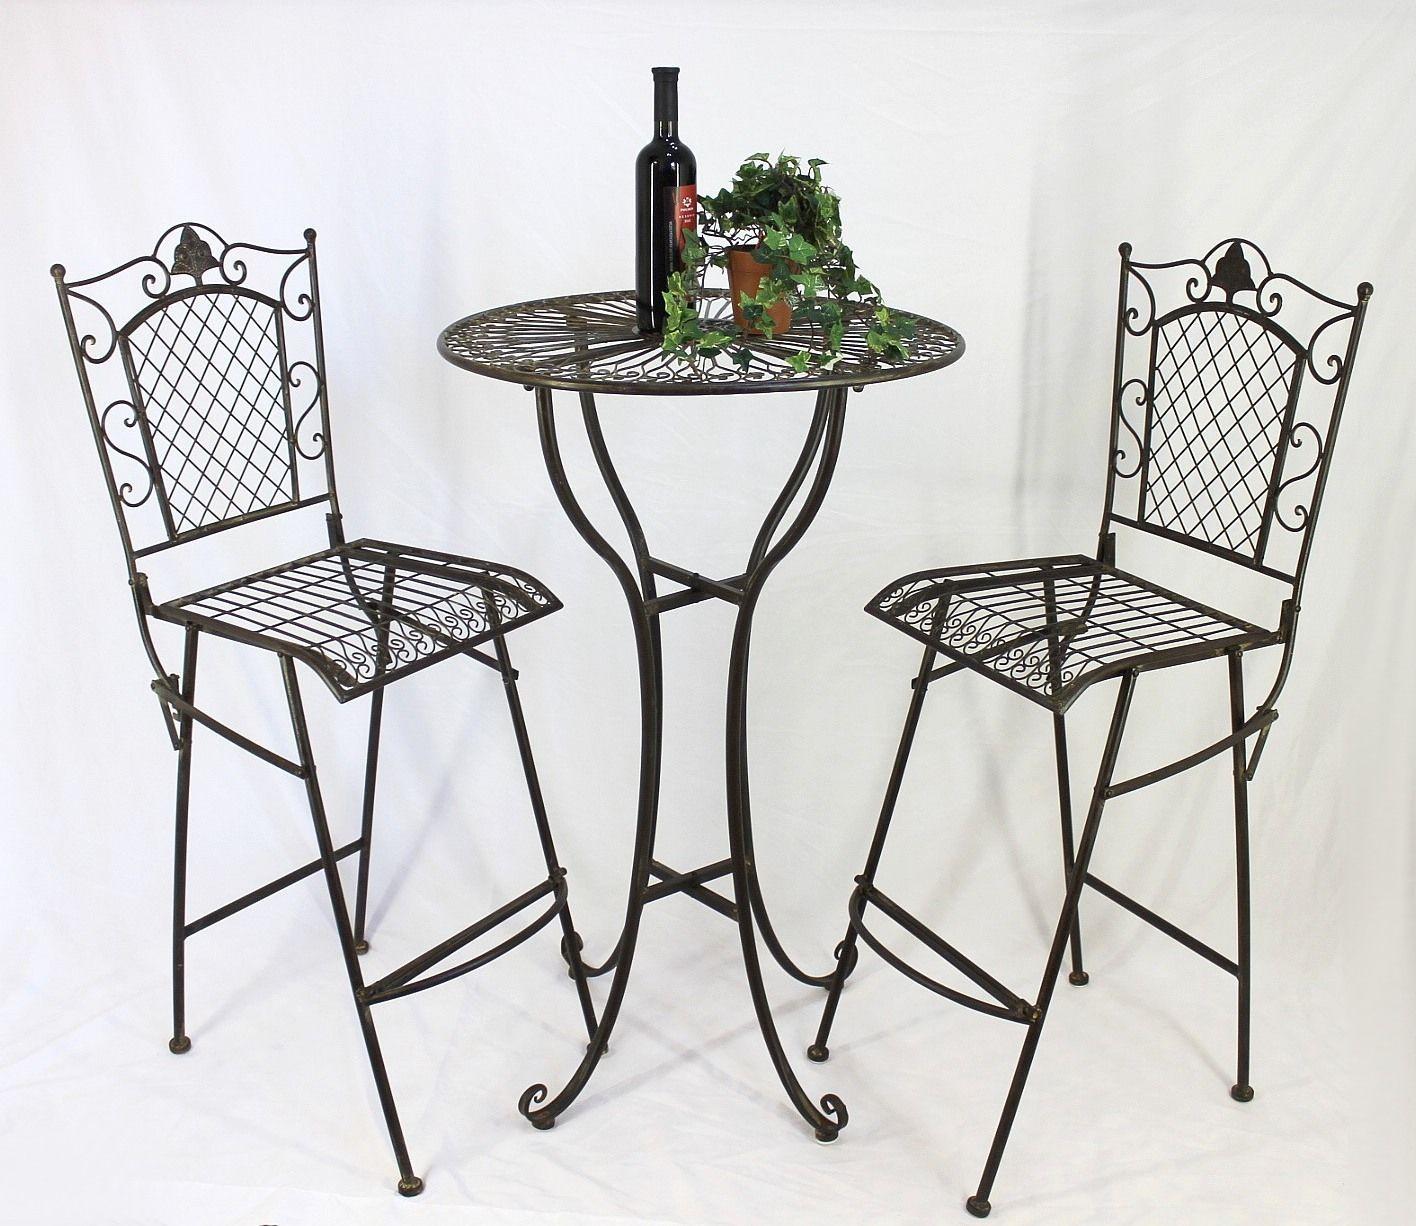 stehtisch und 2 barhocker set 20832 33 bartisch schmiedeeisen metall hocker rund ebay. Black Bedroom Furniture Sets. Home Design Ideas